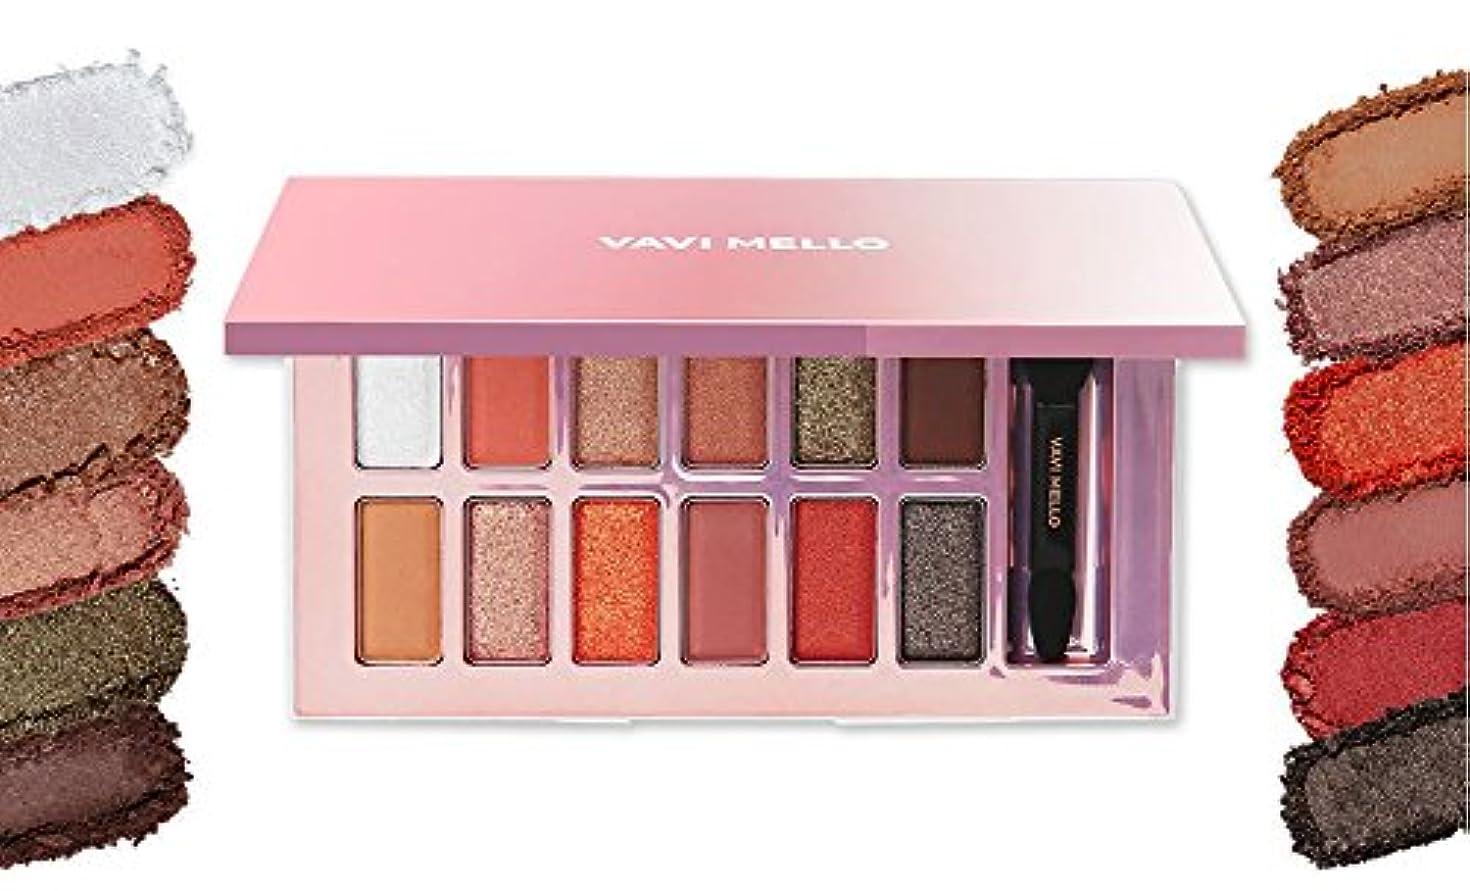 ハロウィン織る郵便局[New] VAVI MELLO Valentine Box 2 ' Peach Palette ' 11g/バビメロ バレンタイン ボックス 2 ' ピーチ パレット ' 11g [並行輸入品]